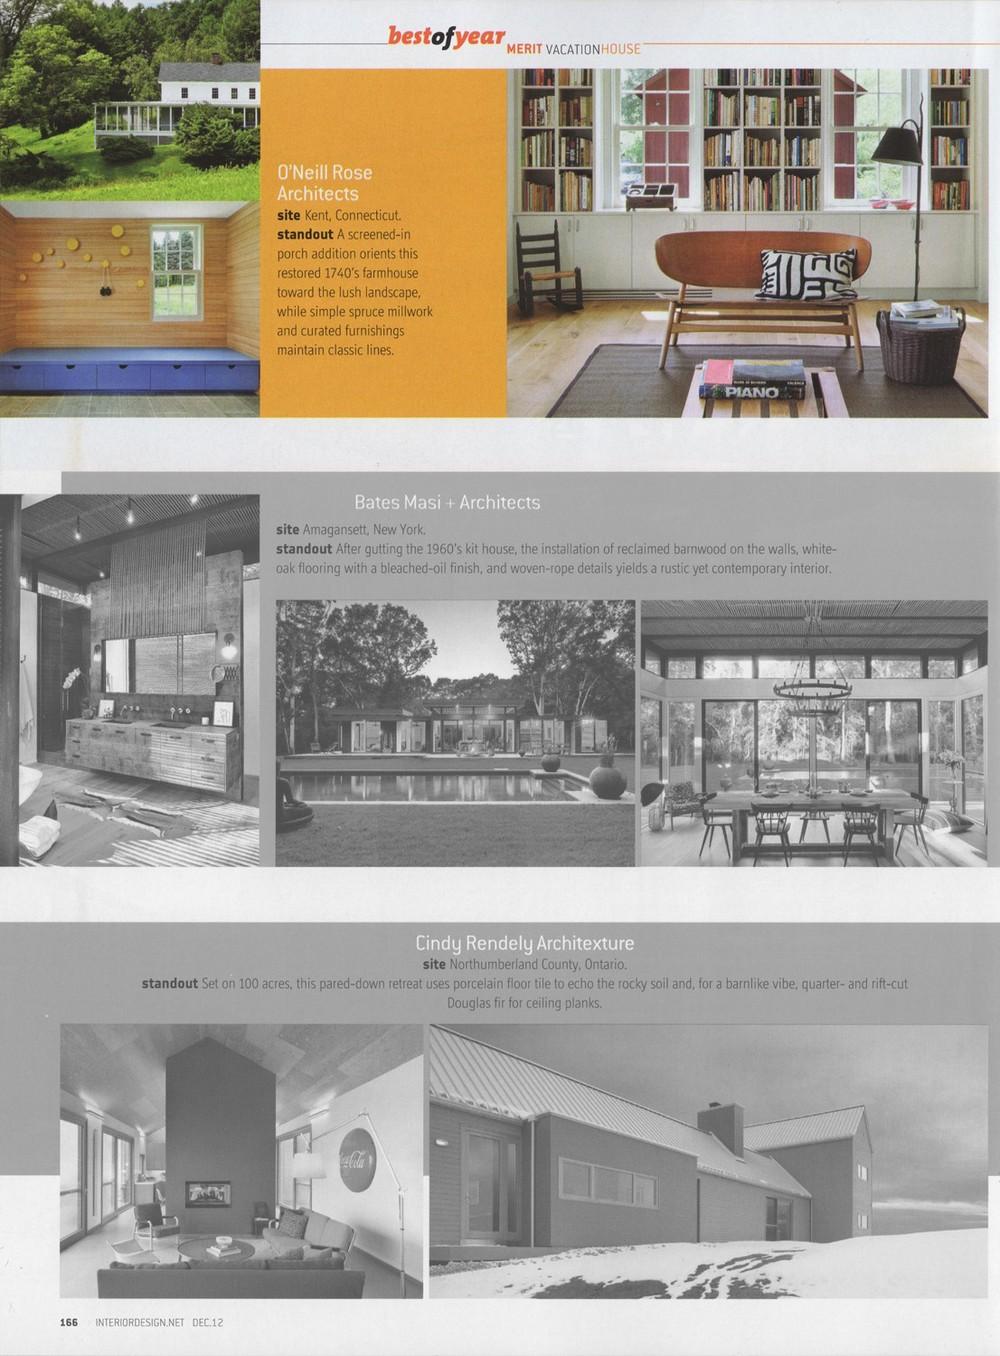 interior-interiordesign.jpg